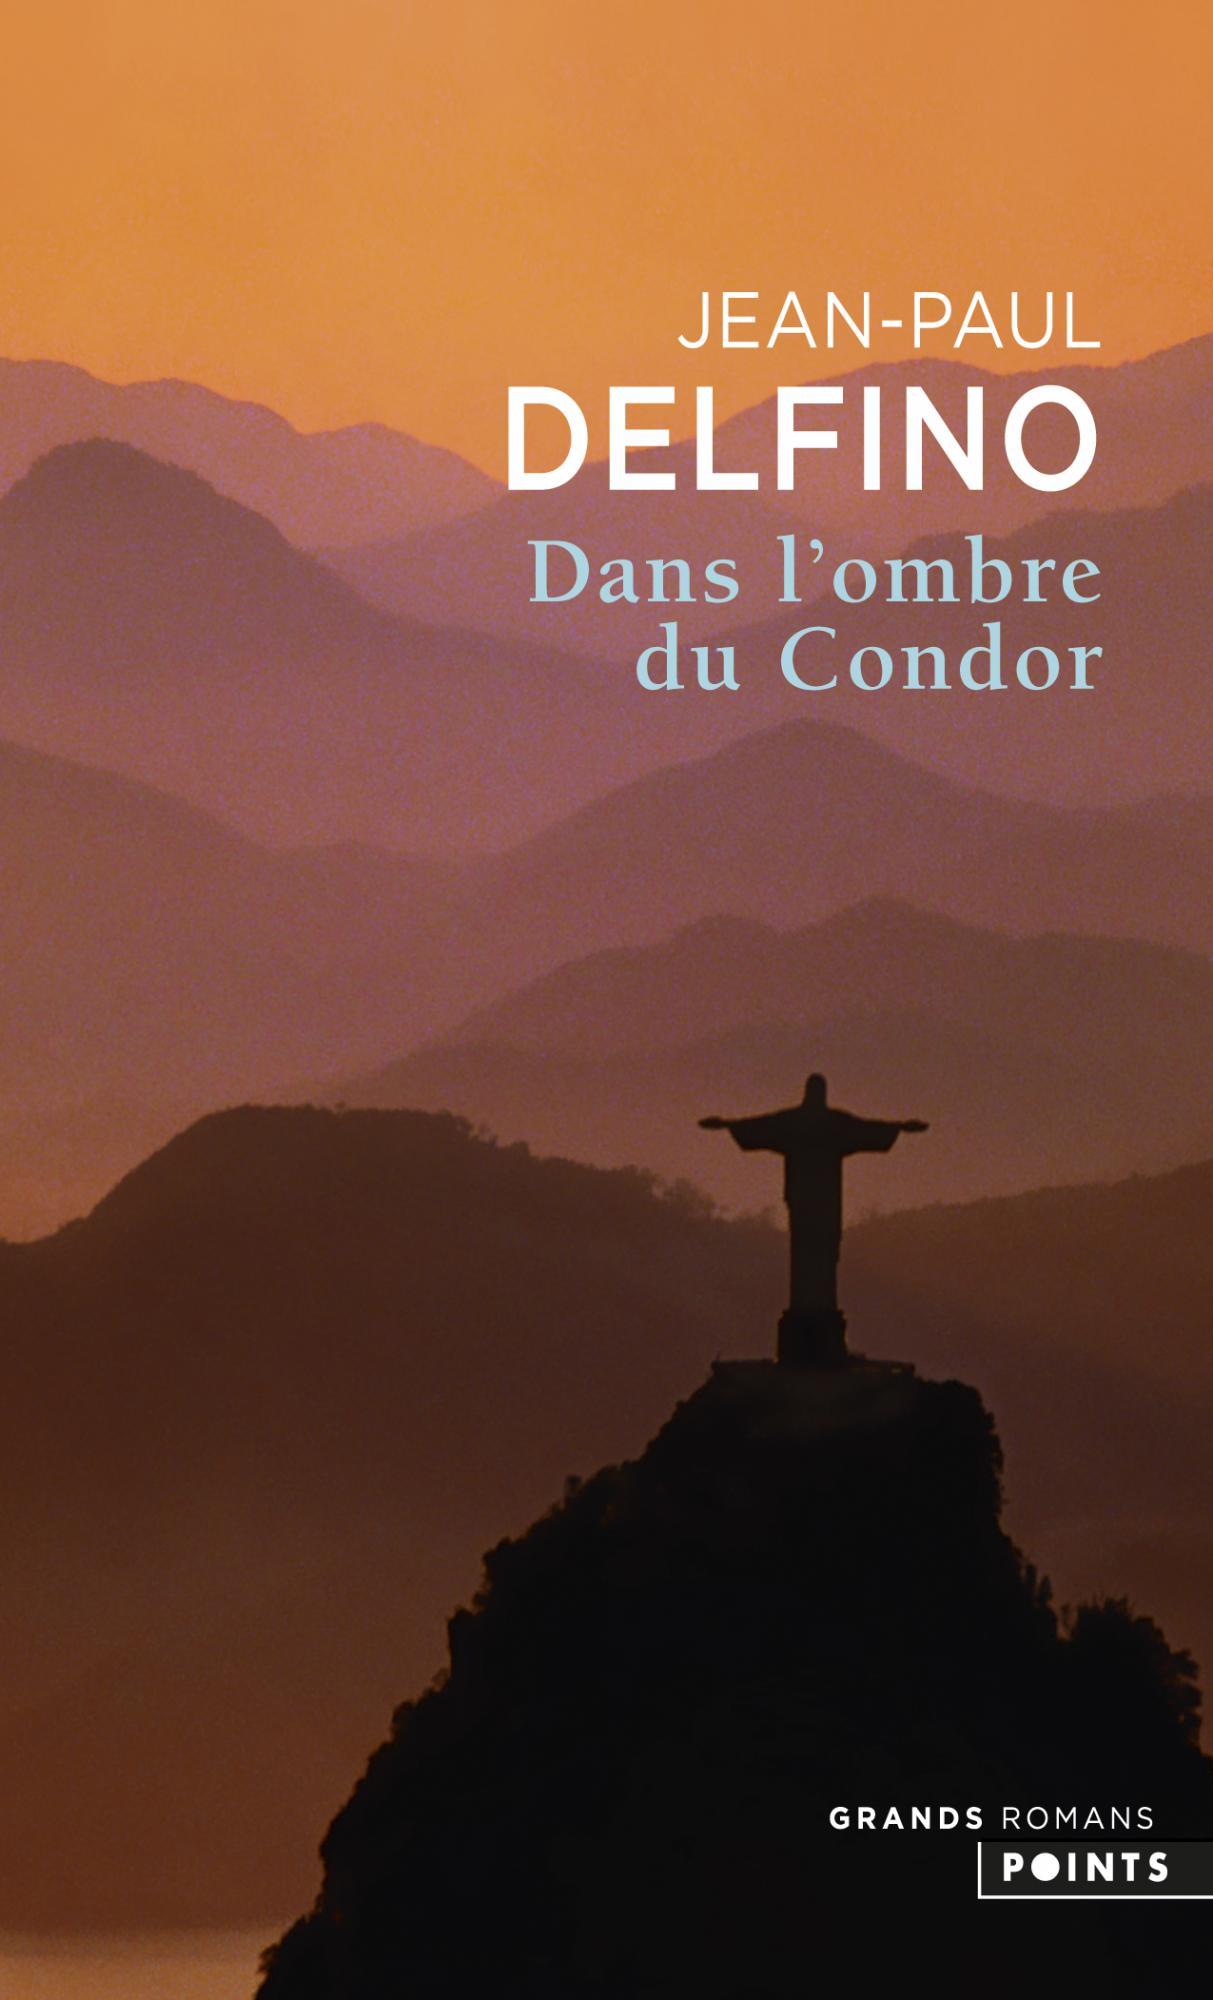 Dans l'ombre du Condor de Jean-Paul Delfino image couverture livre